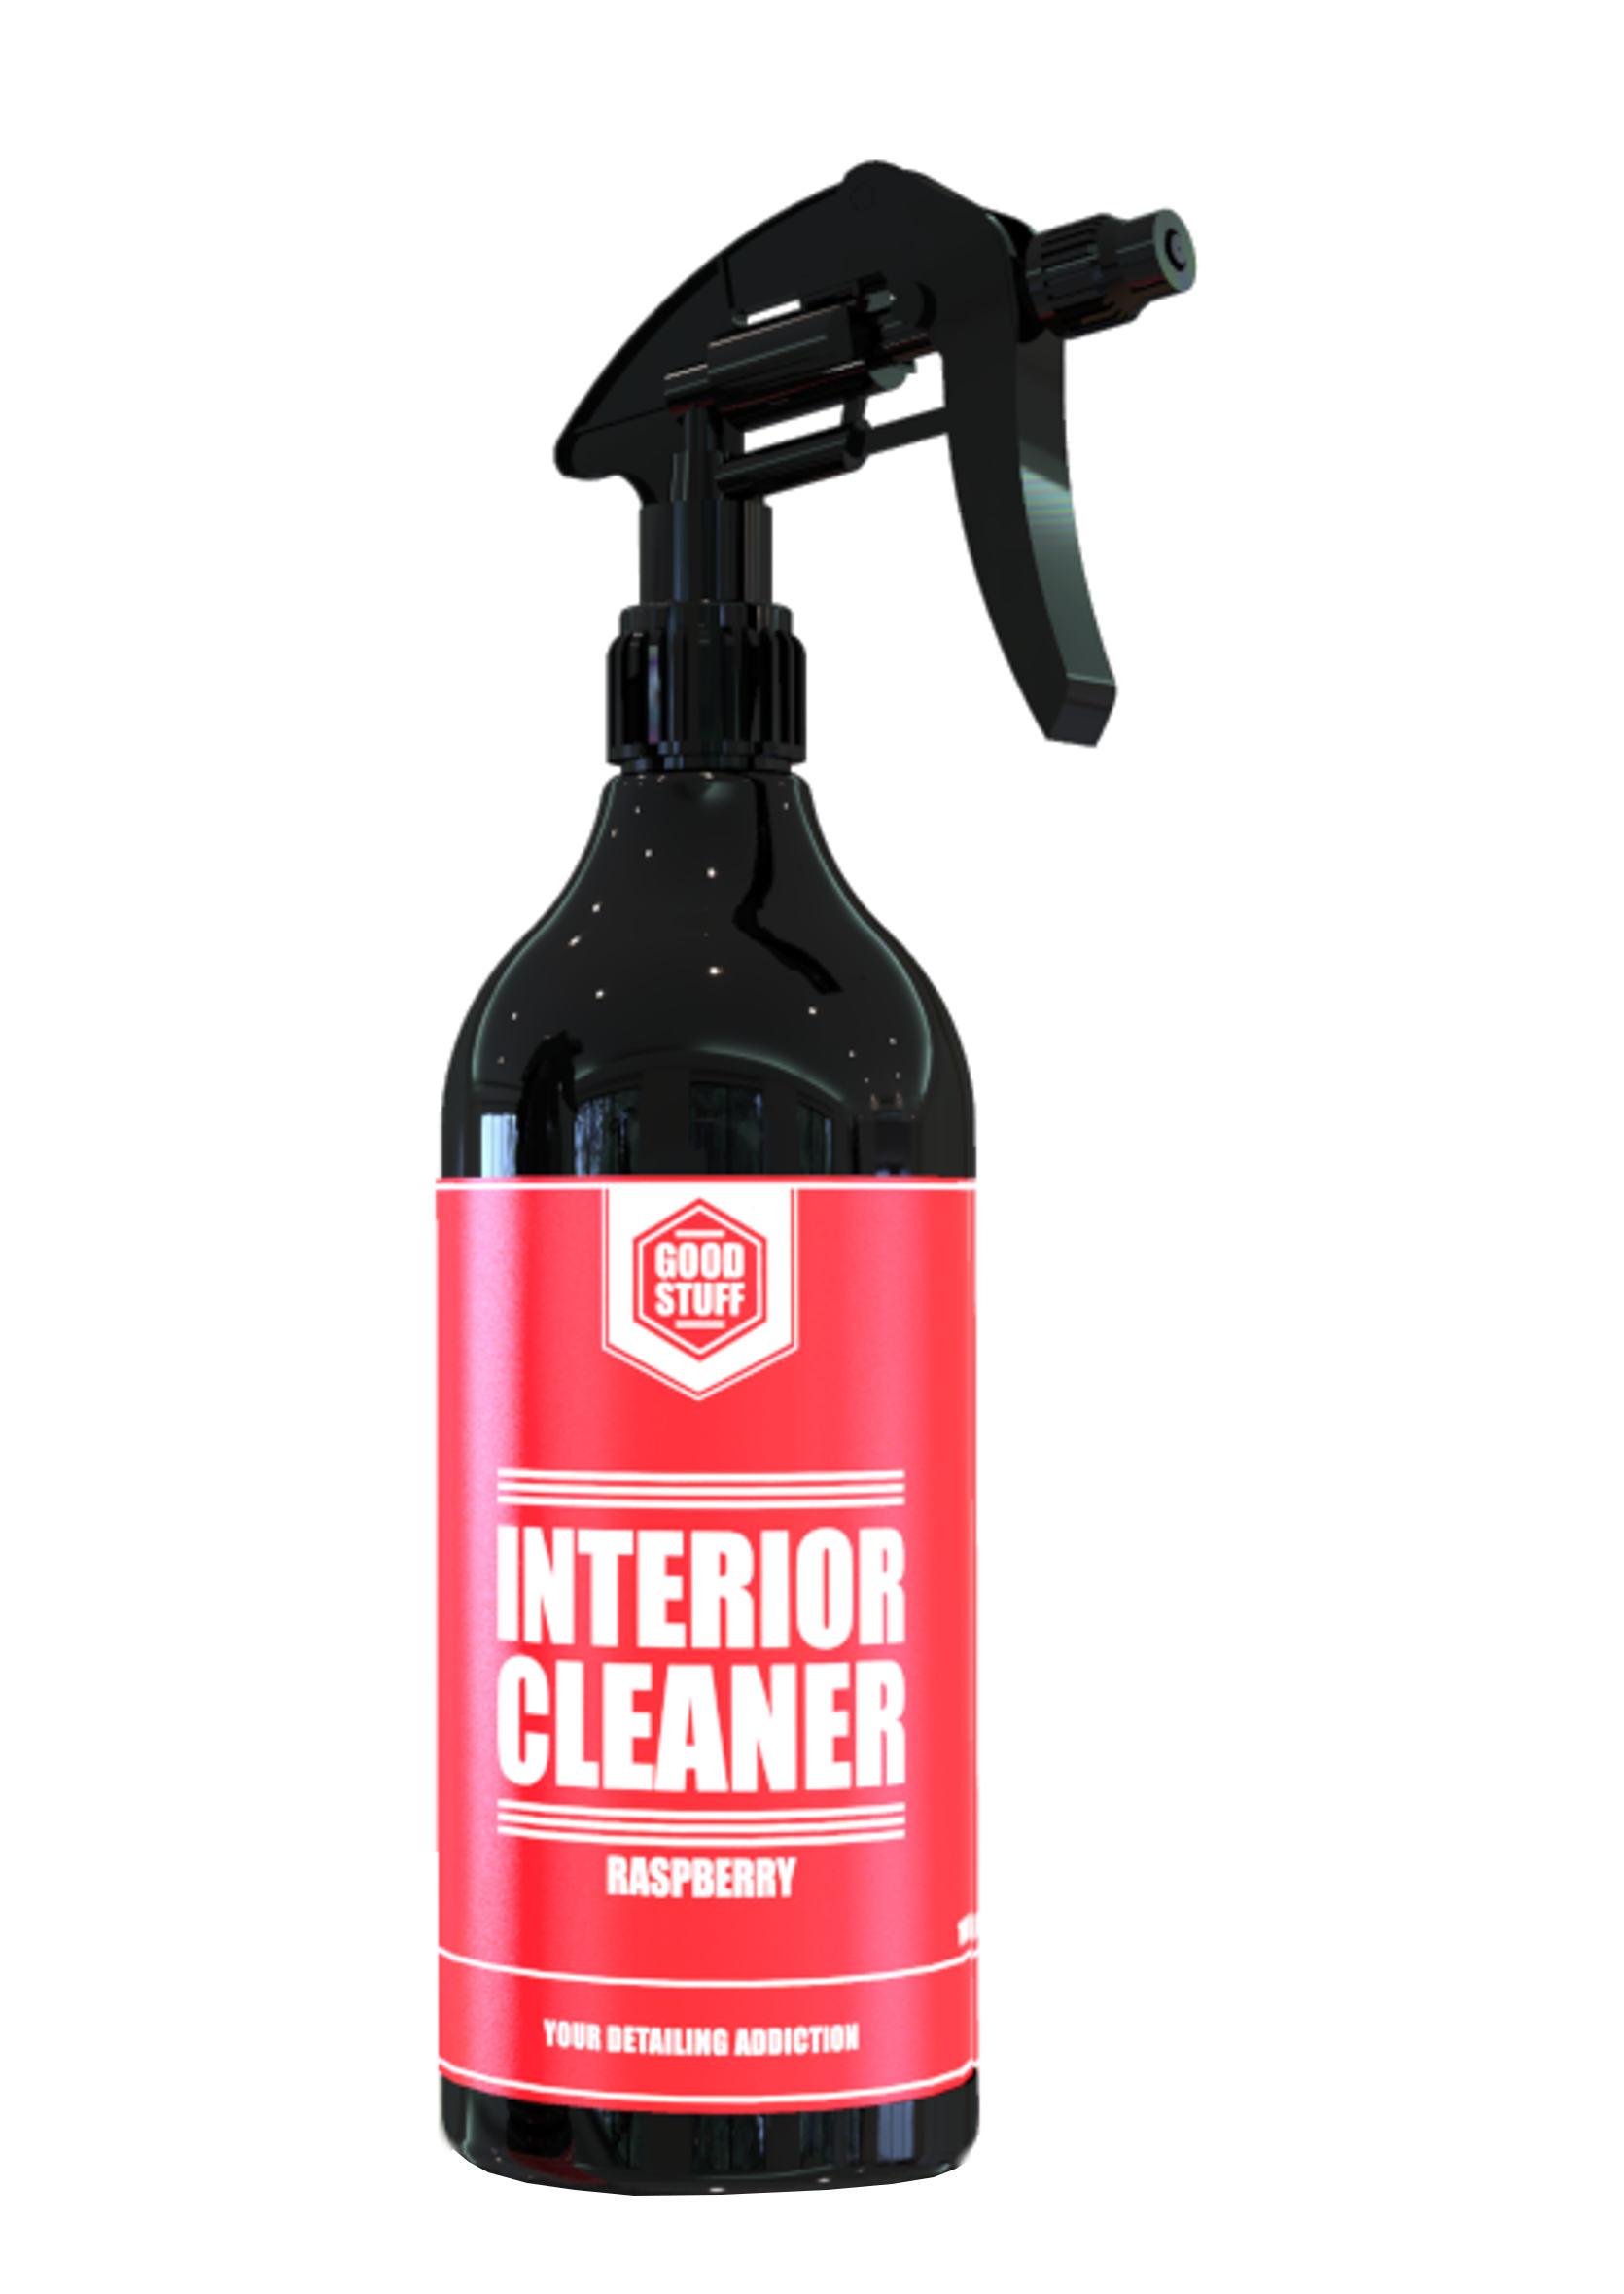 Good Stuff Interior Cleaner Raspberry 1L Płyn do Czyszczenia Wnętrza